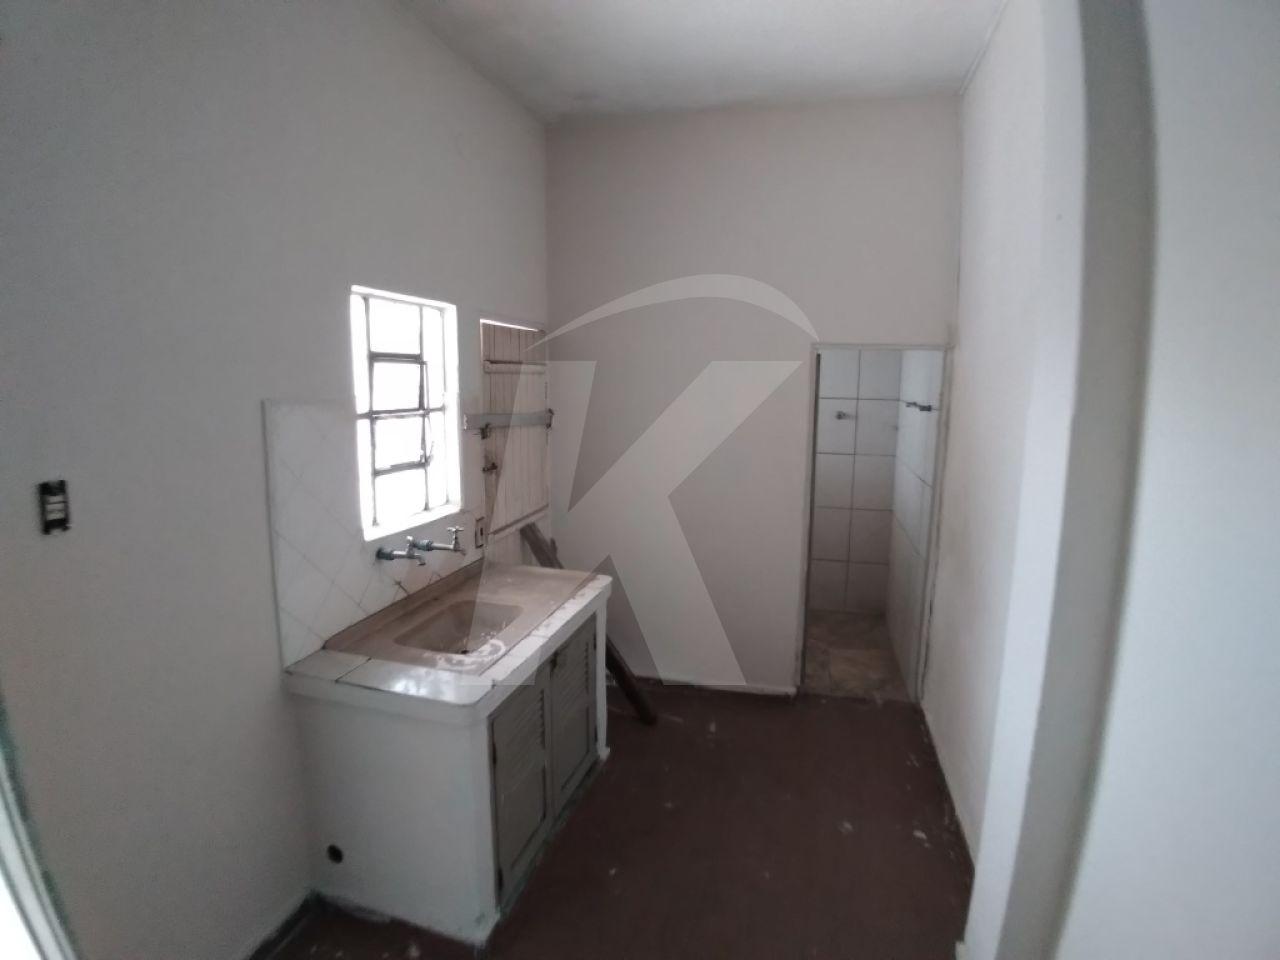 Casa  Vila Gustavo - 1 Dormitório(s) - São Paulo - SP - REF. KA4925